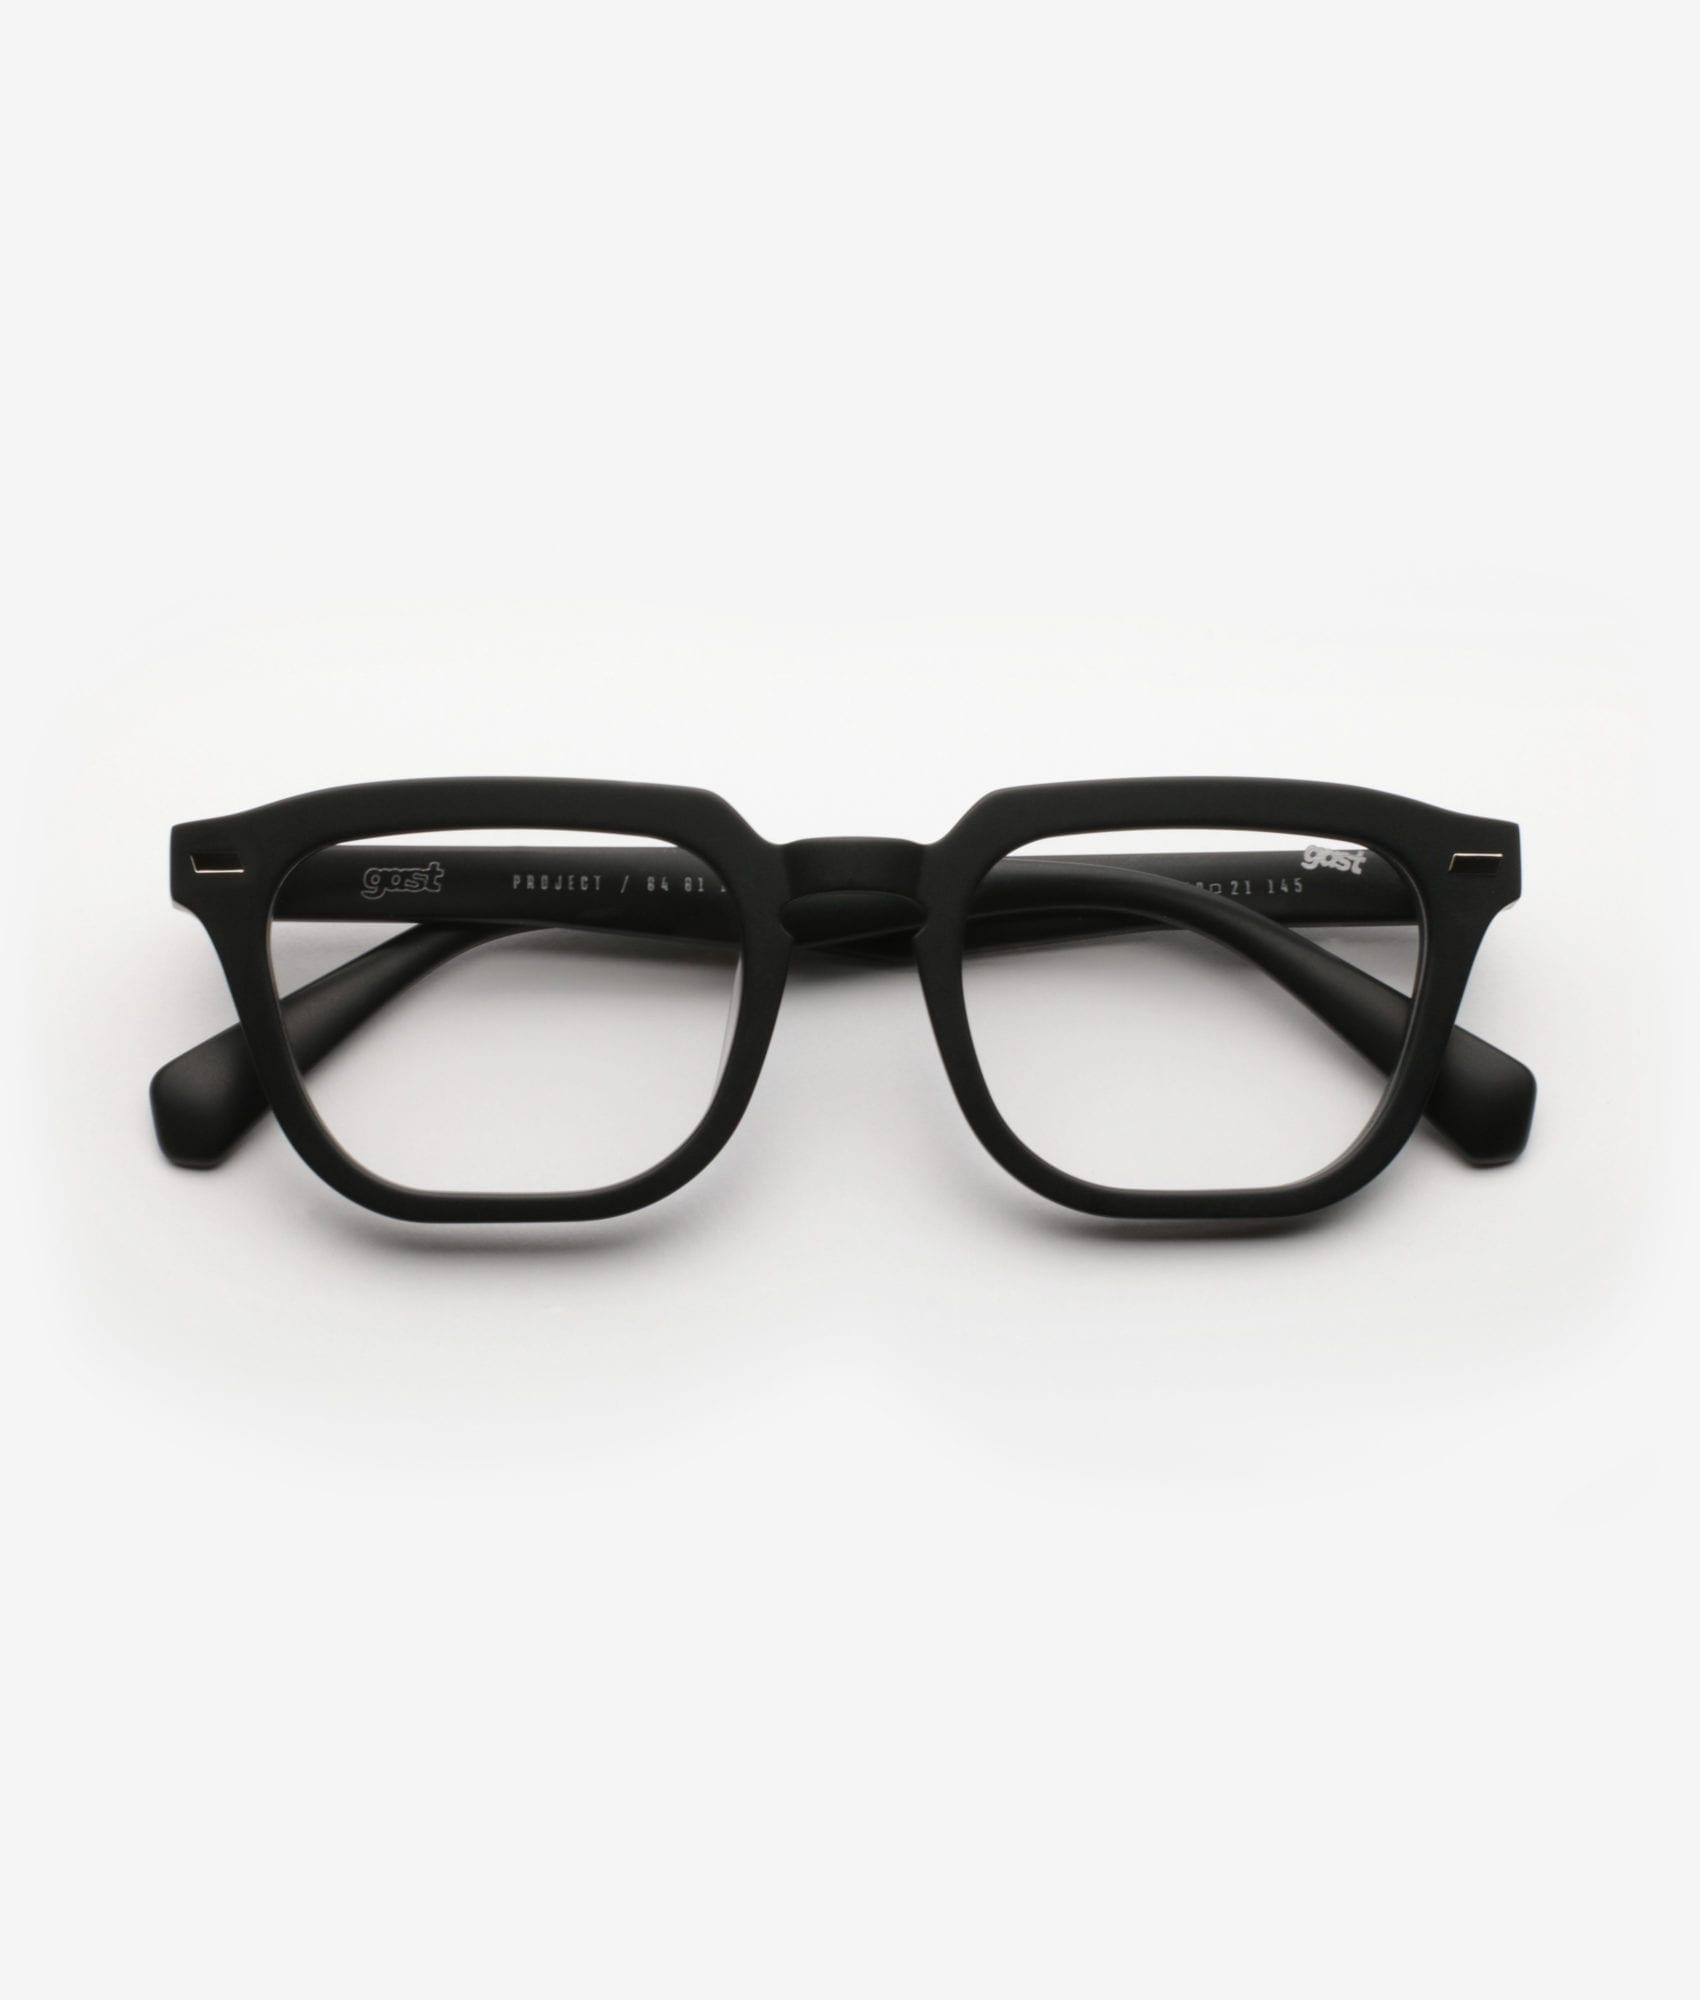 Bagaj Black Gast eyewear